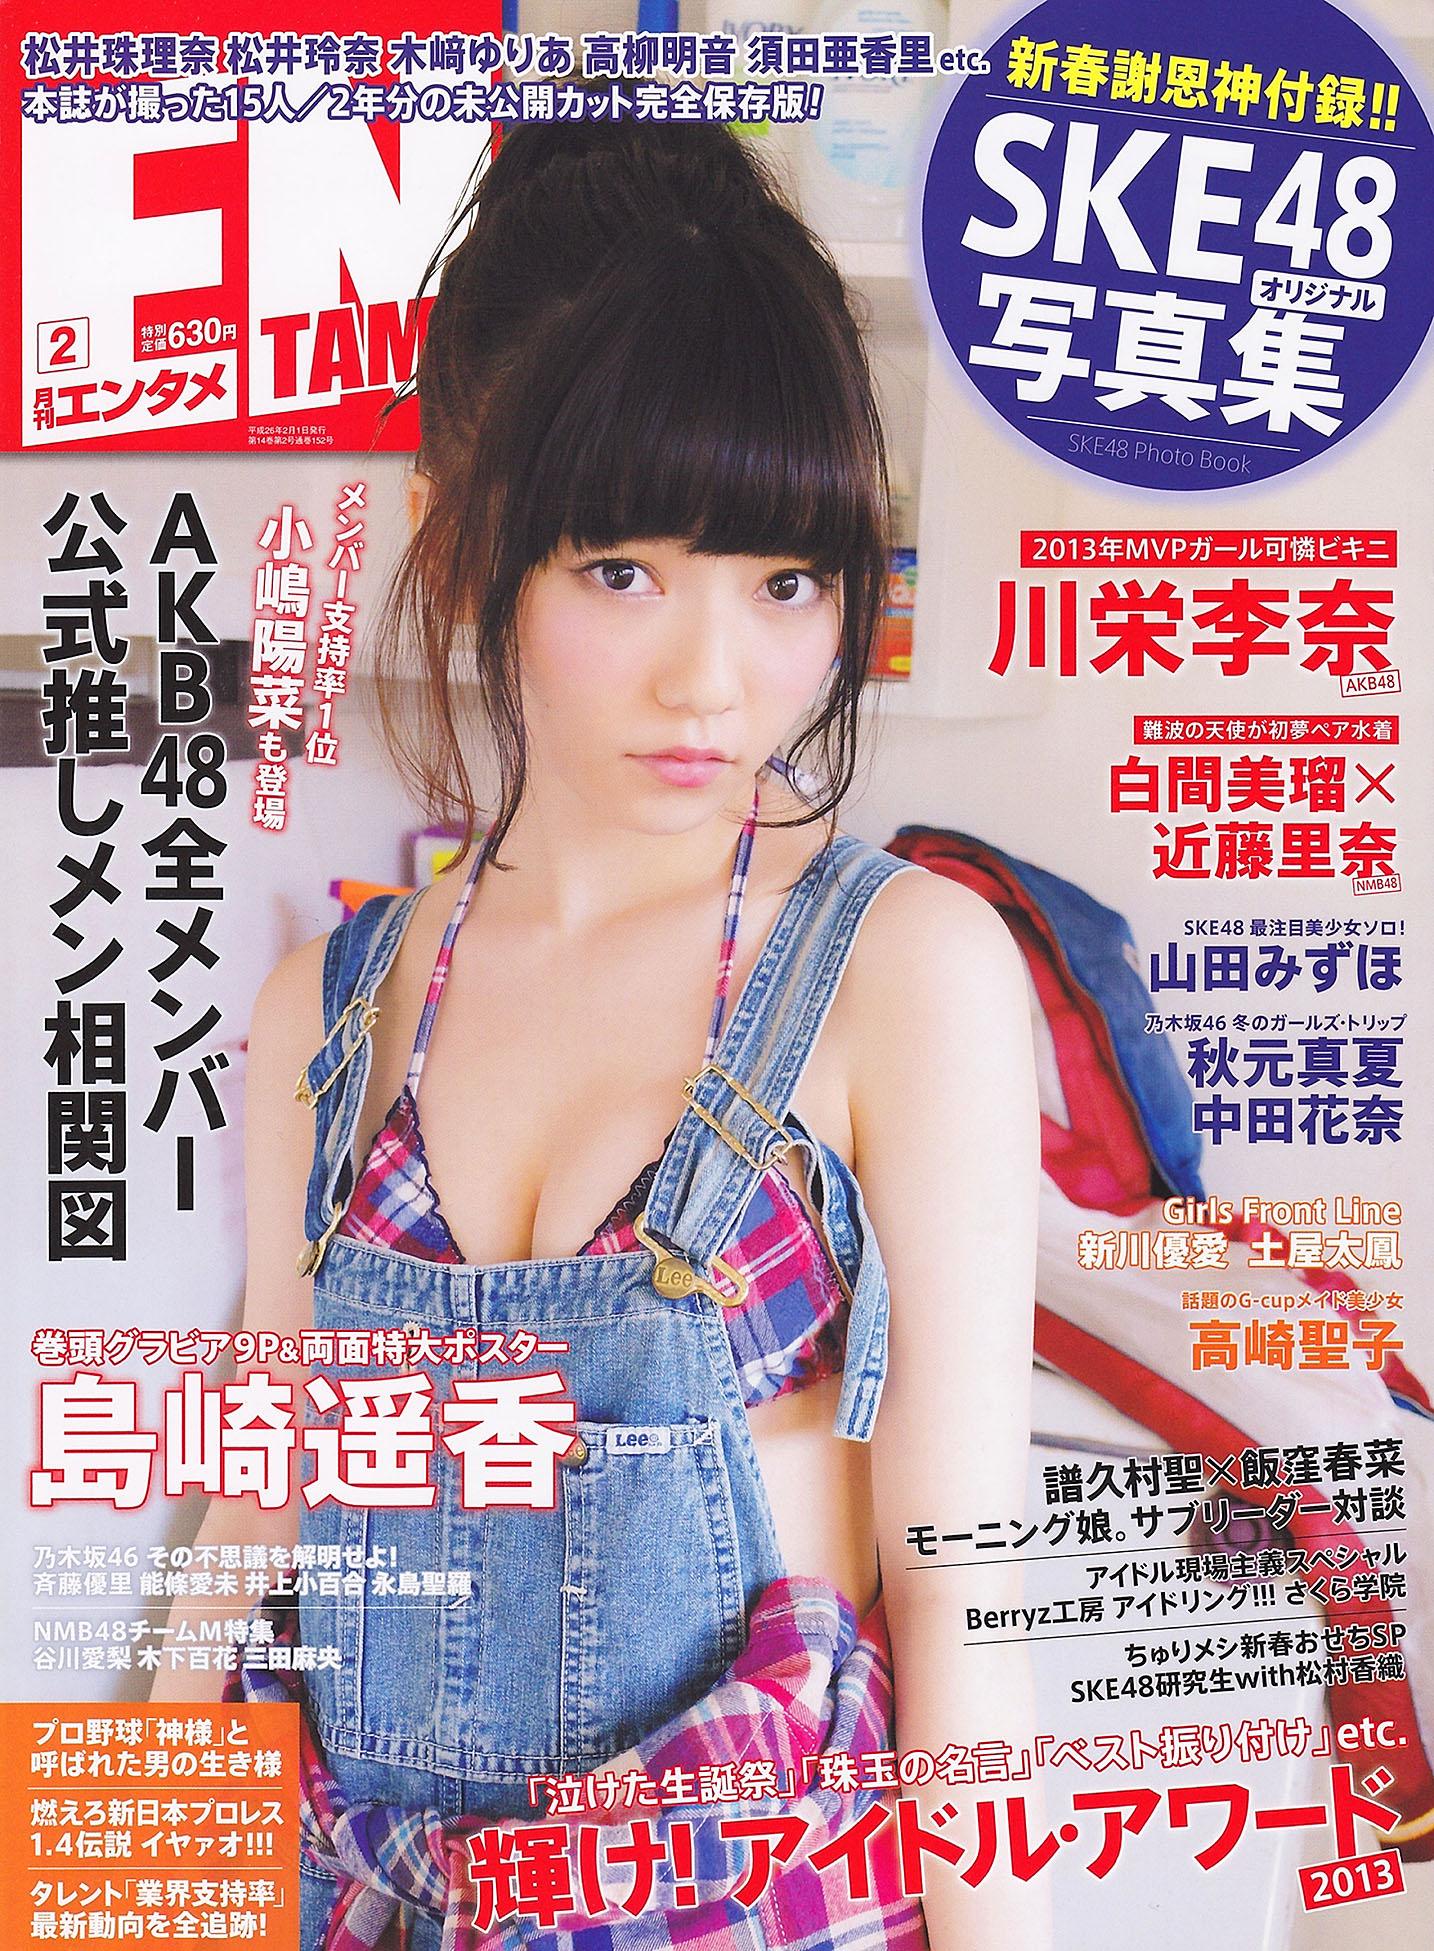 HShimazaki EnTame 1402 01.jpg